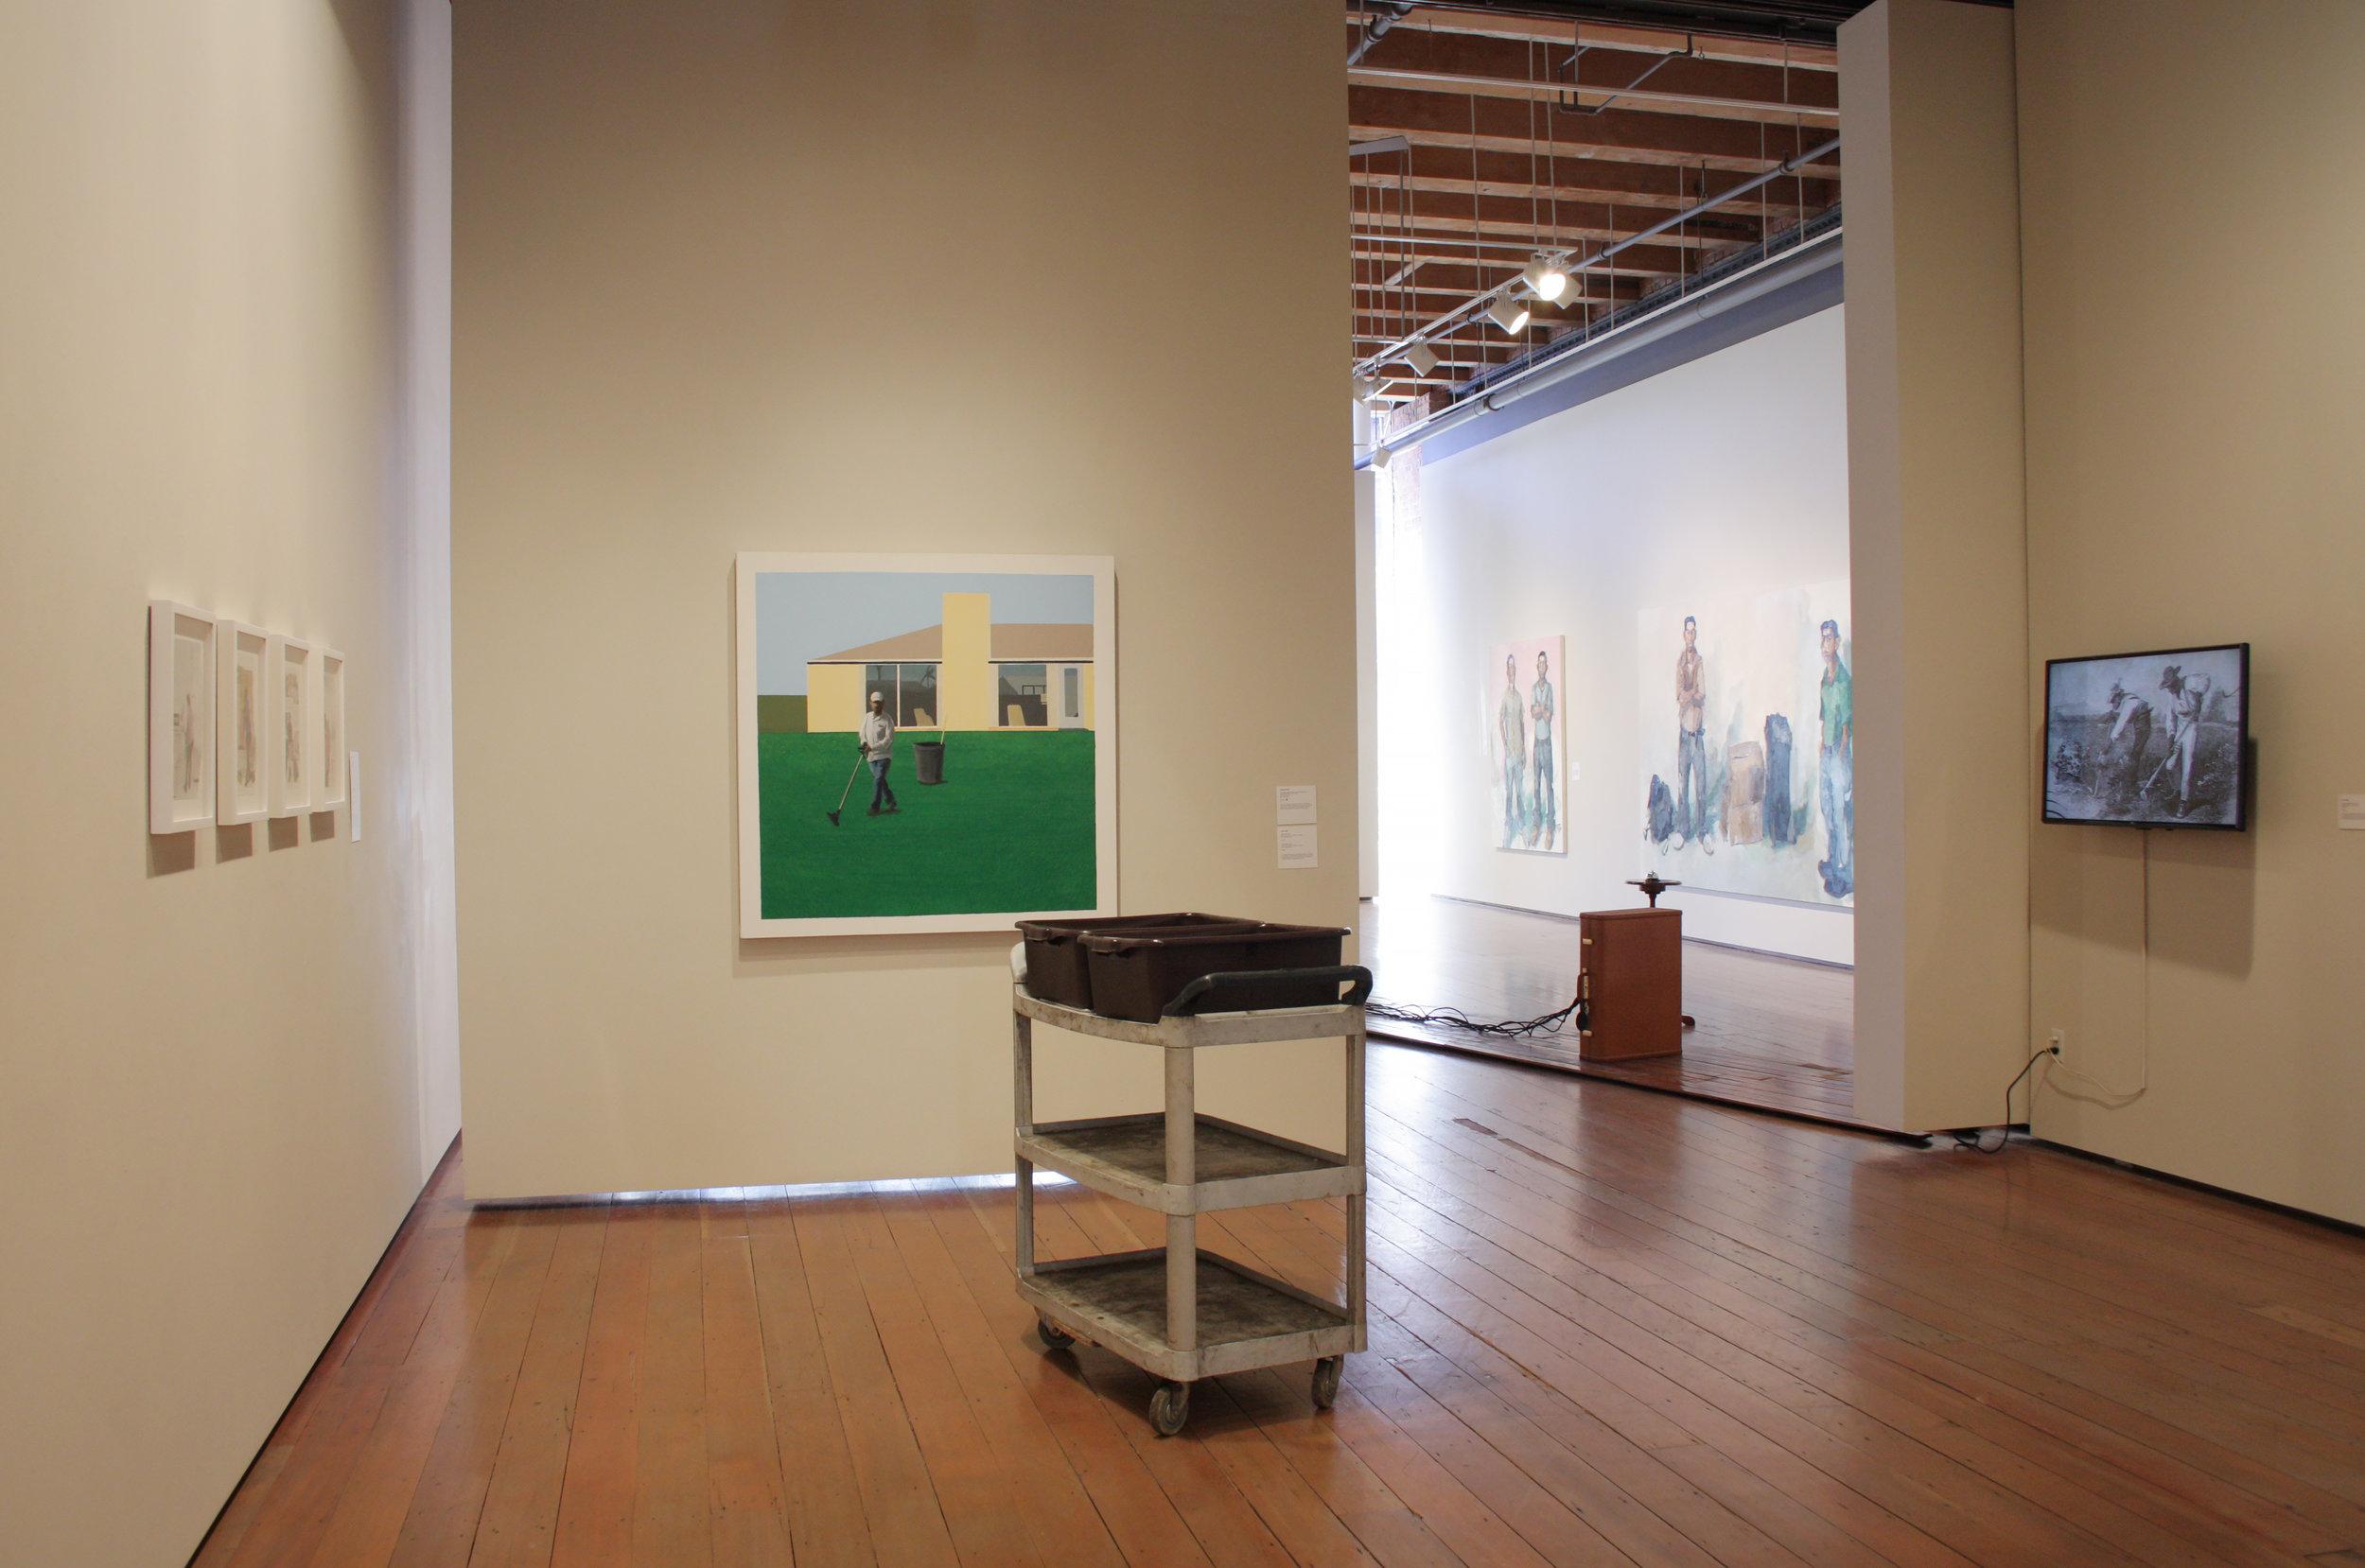 gallery2-1.jpg